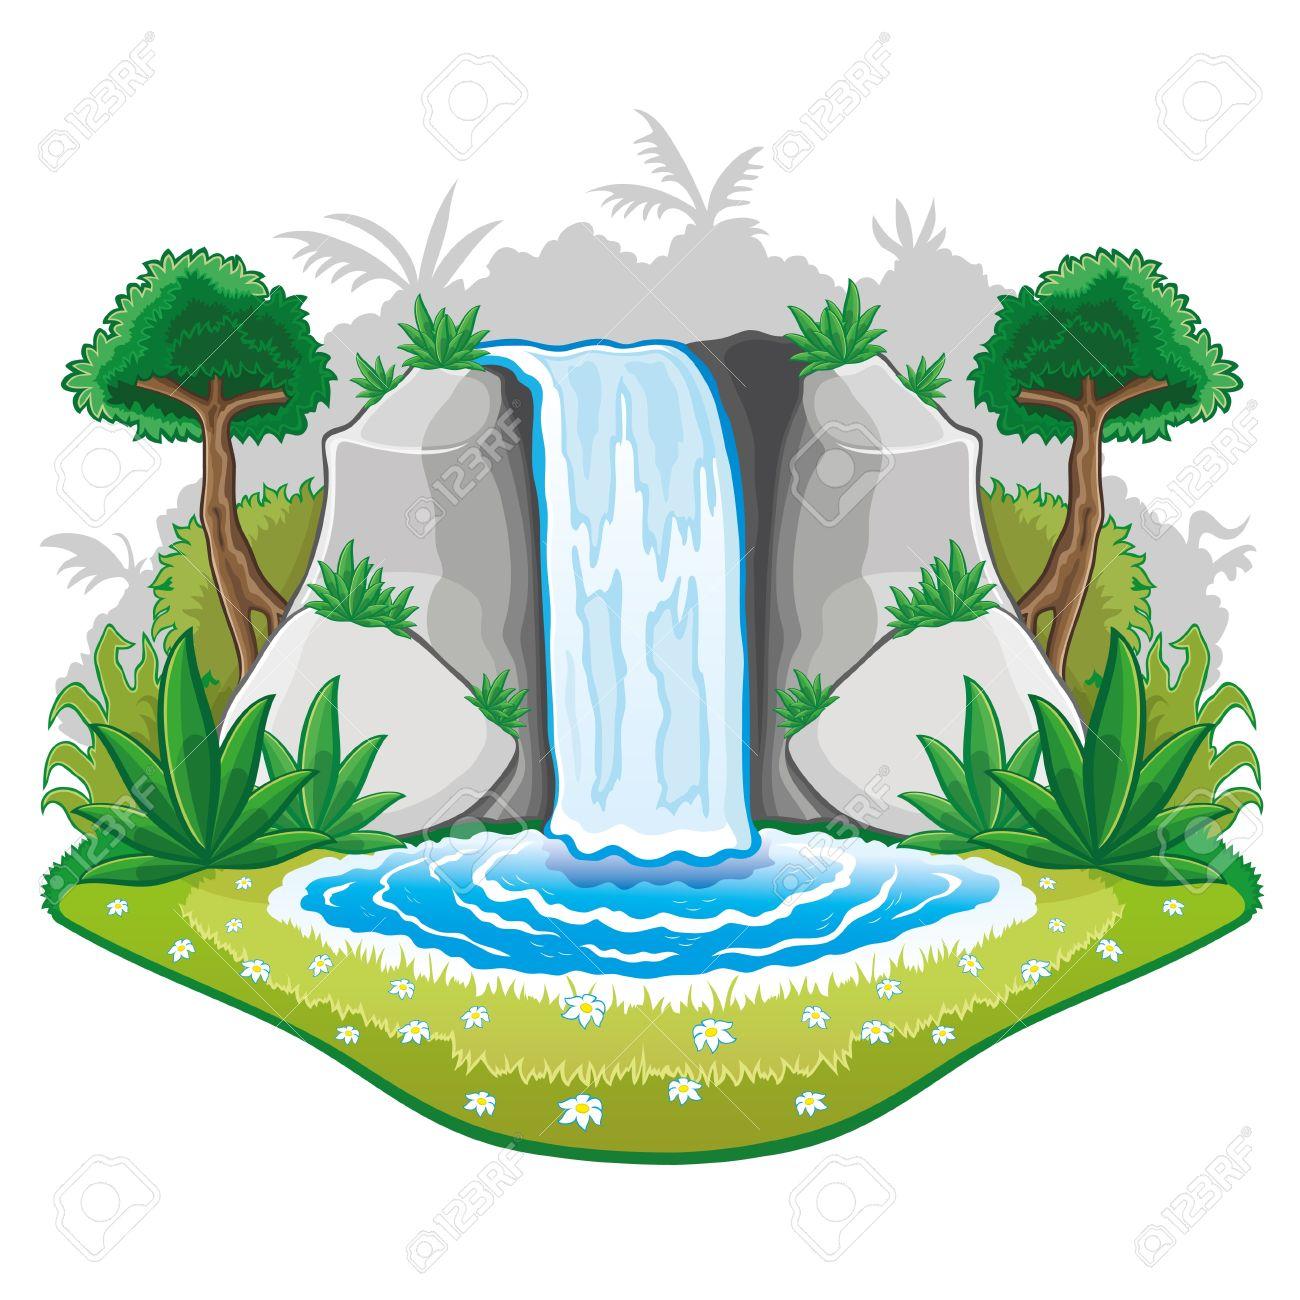 Ilustración De La Naturaleza De Dibujos Animados